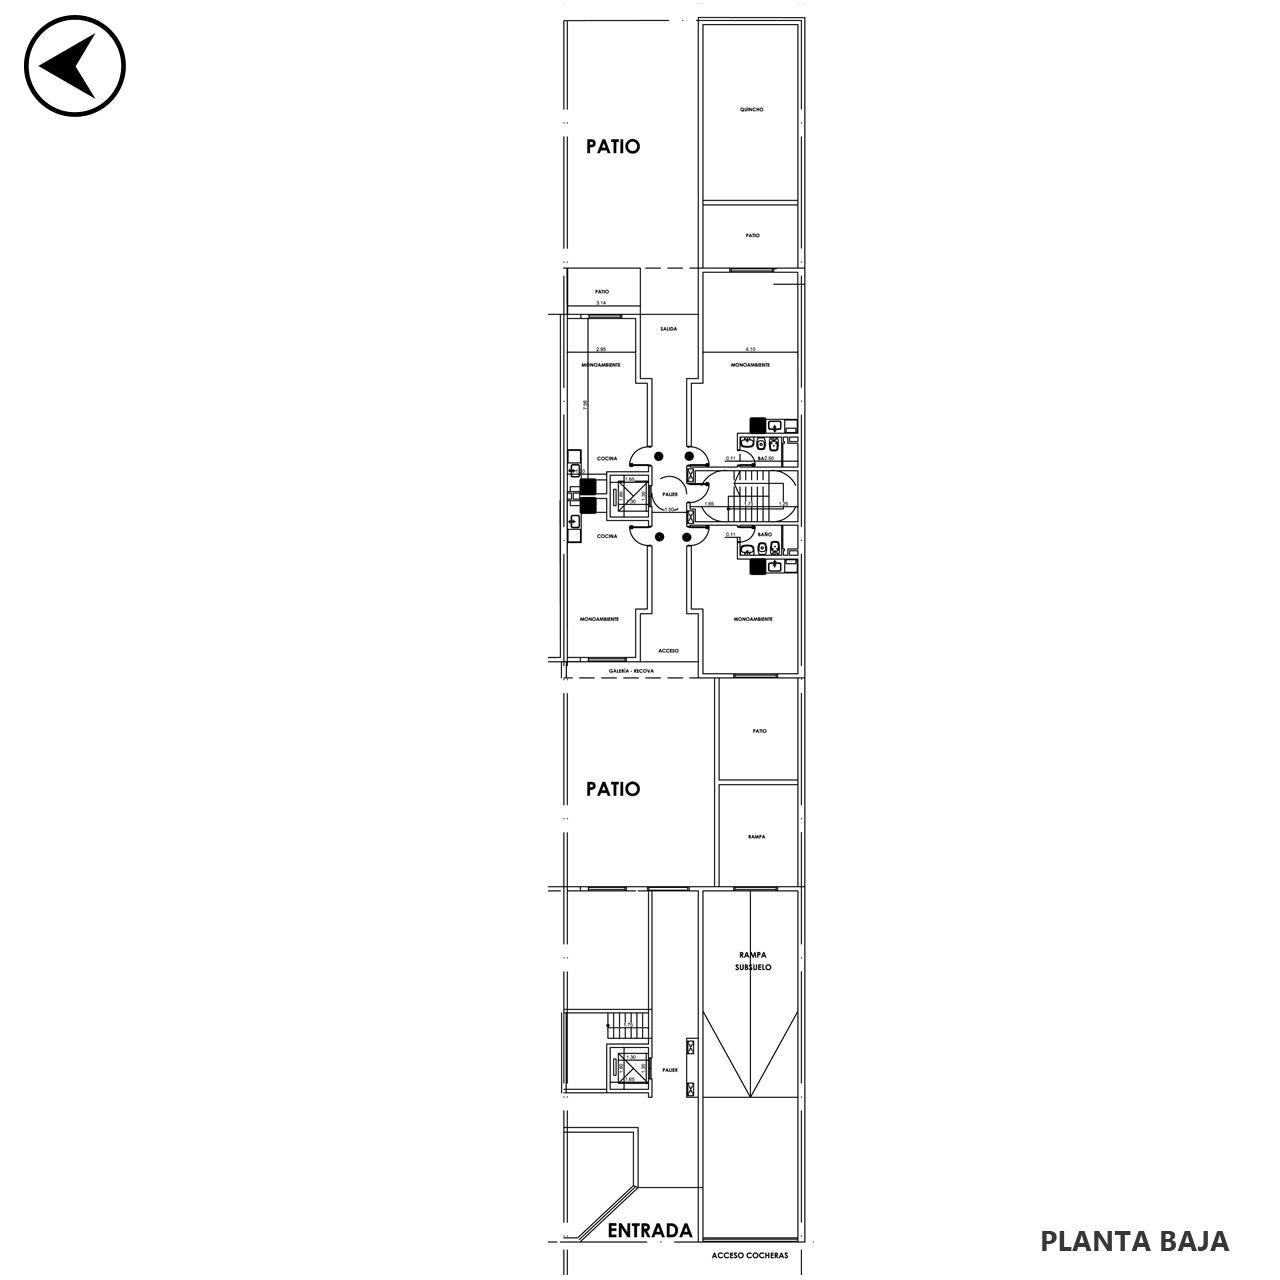 Venta departamento 1 dormitorio Rosario, Parque España. Cod CBU23332 AP2200081. Crestale Propiedades